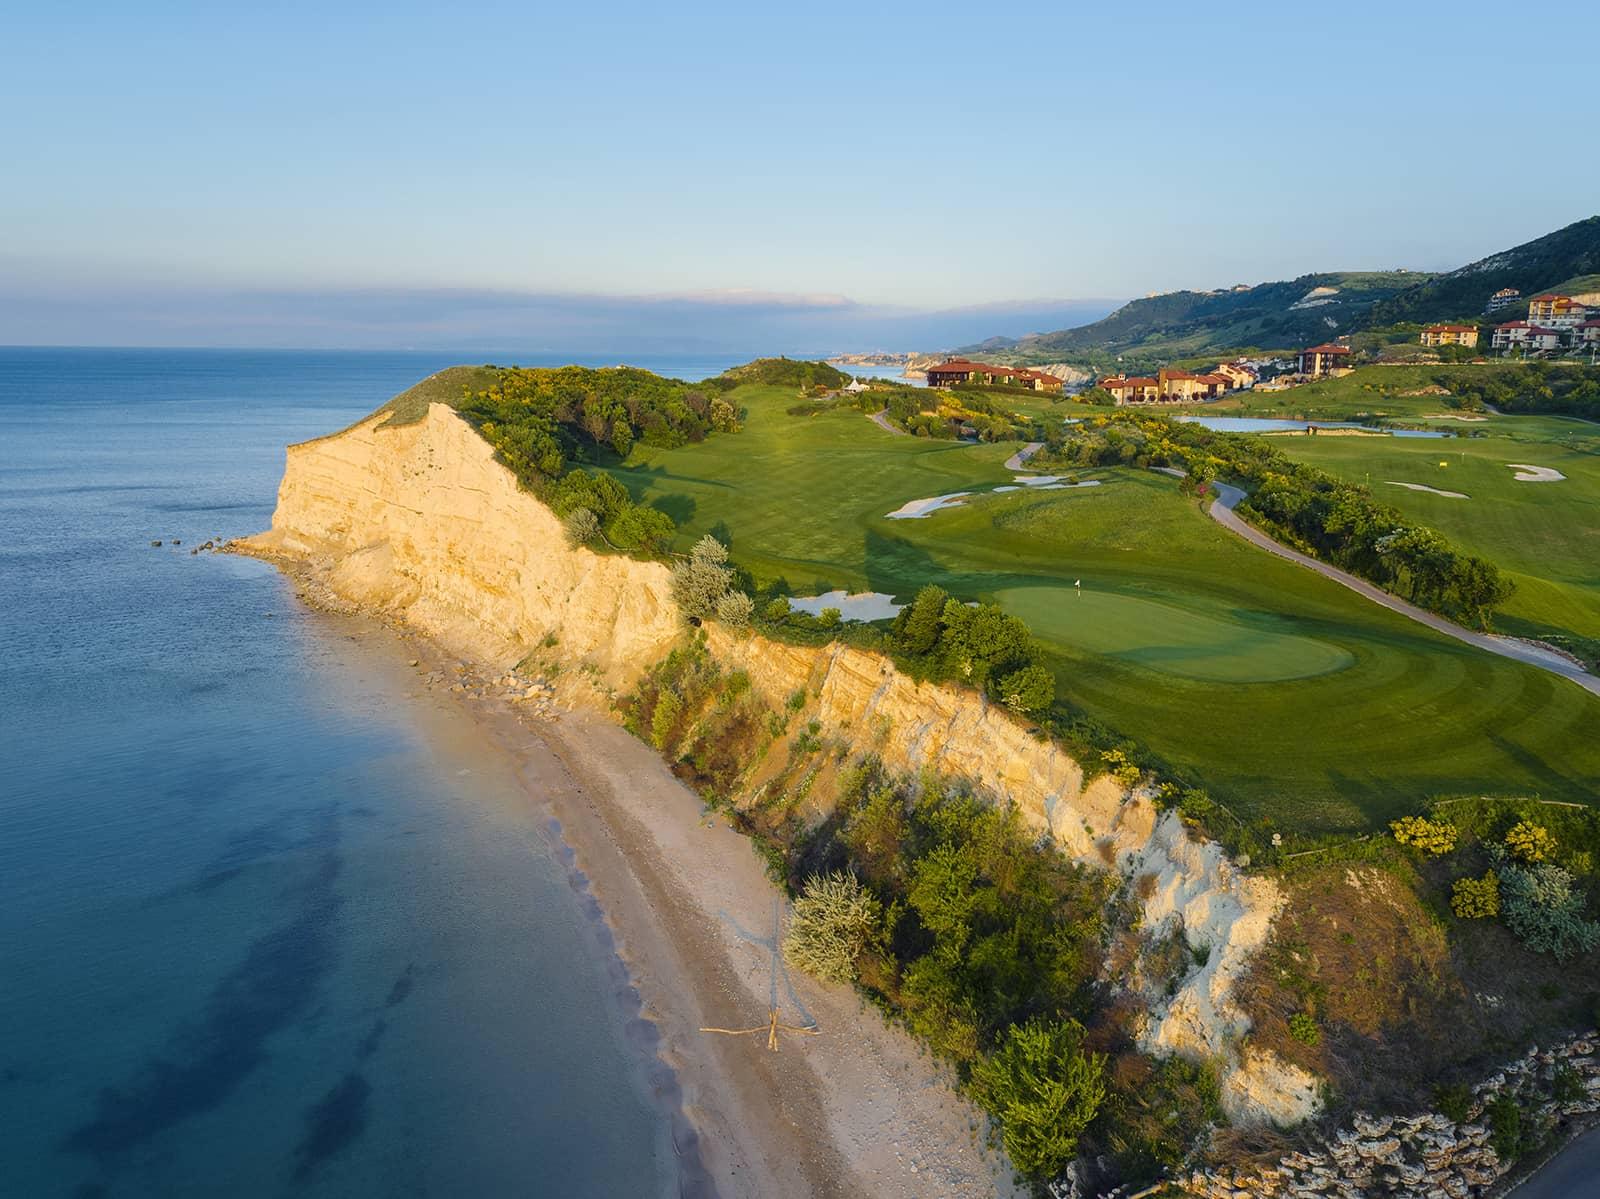 Boende på Thracian Cliffs Golf & Beach Resort med havet, stranden och golfbanan i forgrunden.